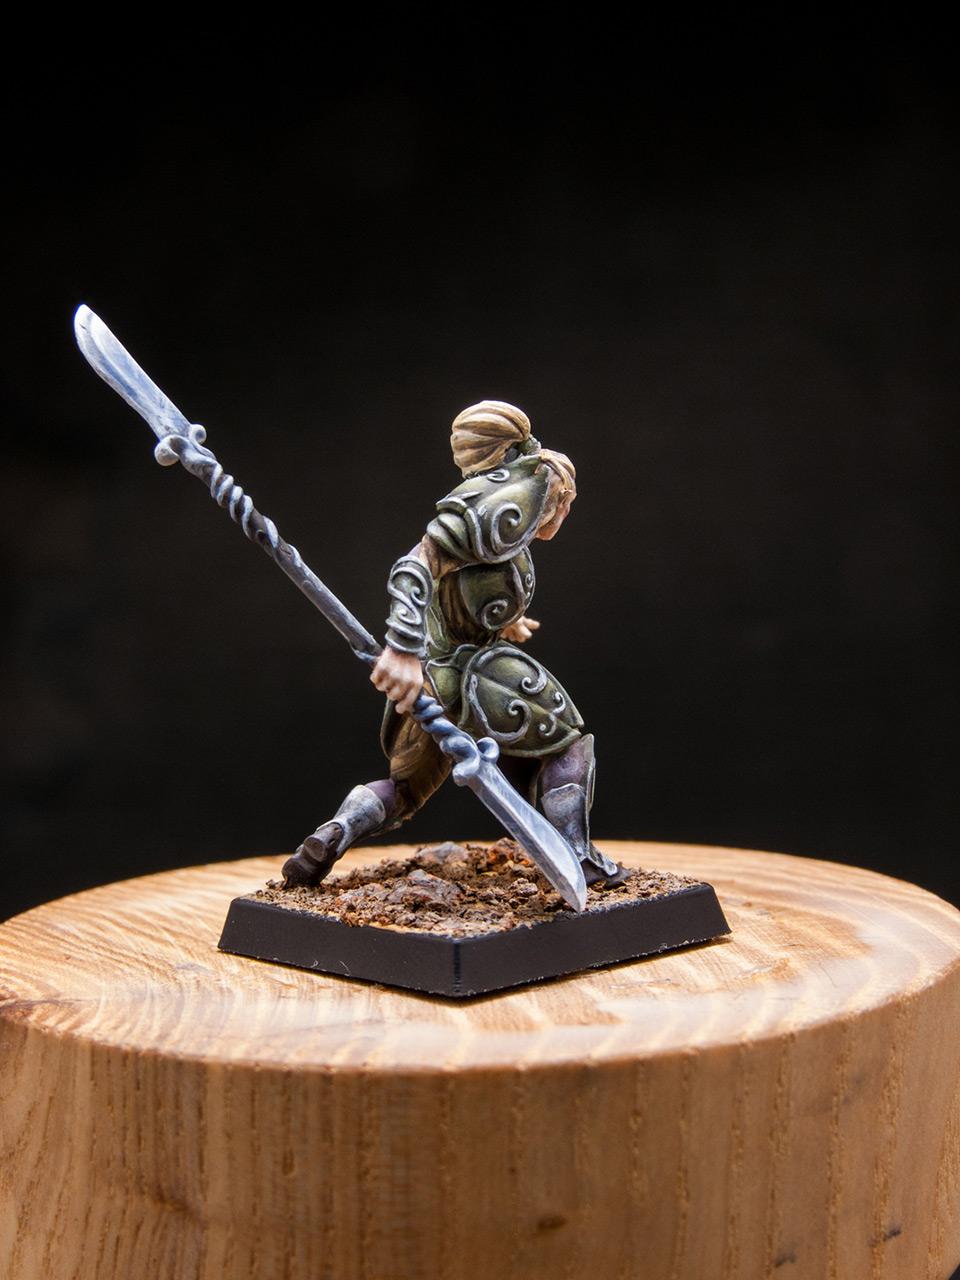 Разное: Эльфы Серебряной гвардии, фото #6